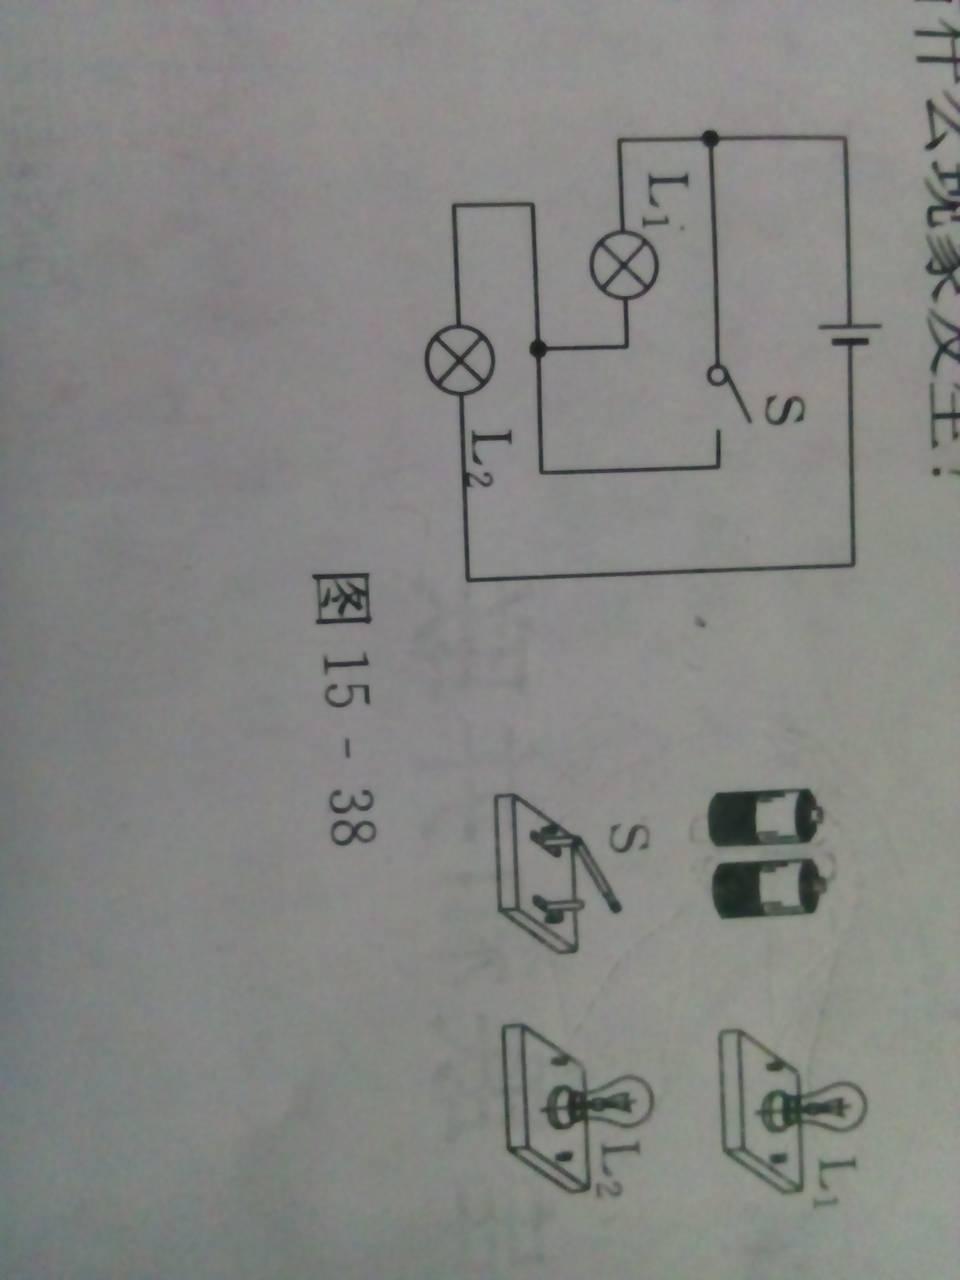 请按照如图所示的电路图,把实物连接起来,并指出,开关